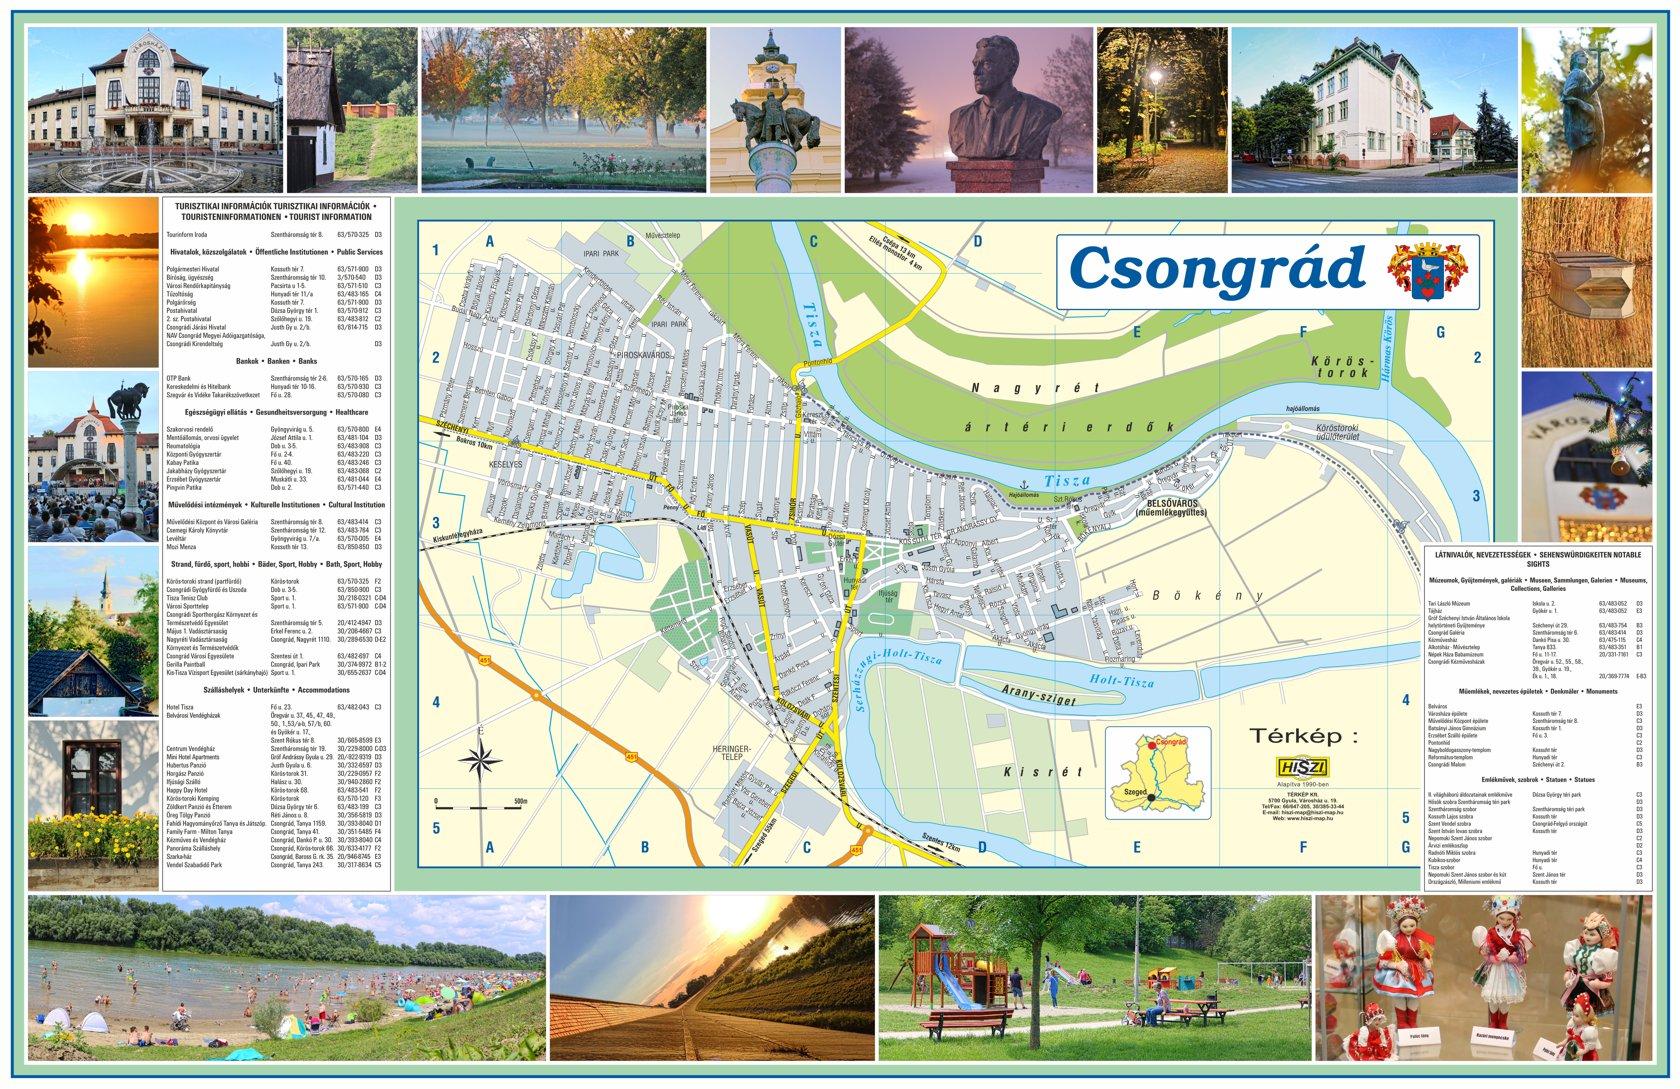 Csongrád város információs térképe